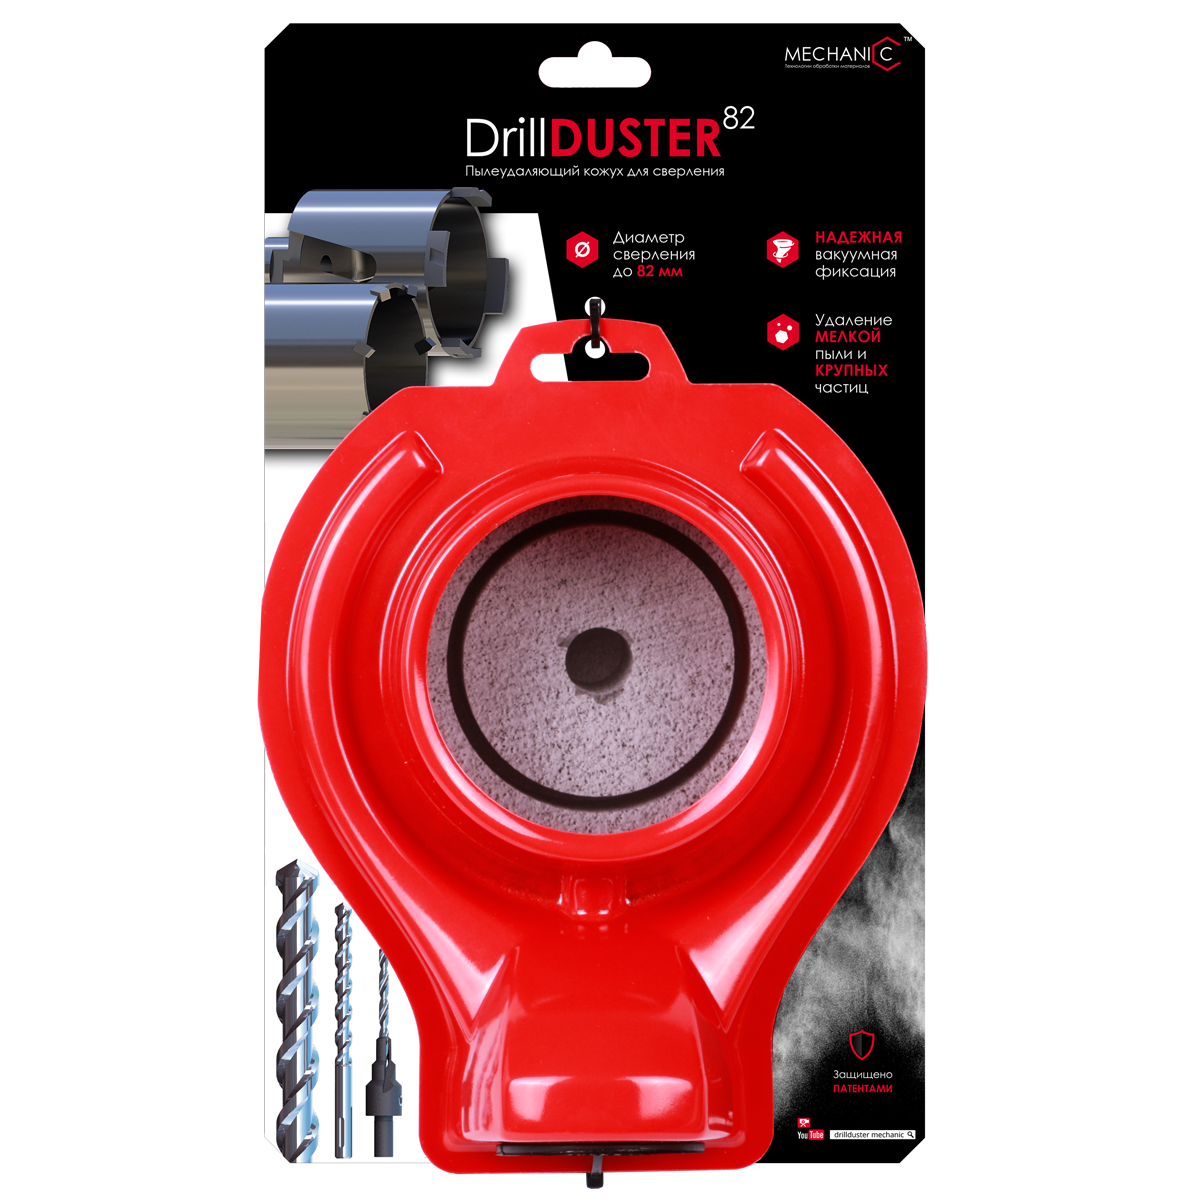 Пылеуловитель для сверления Mechanic DrillDuster 82 Red